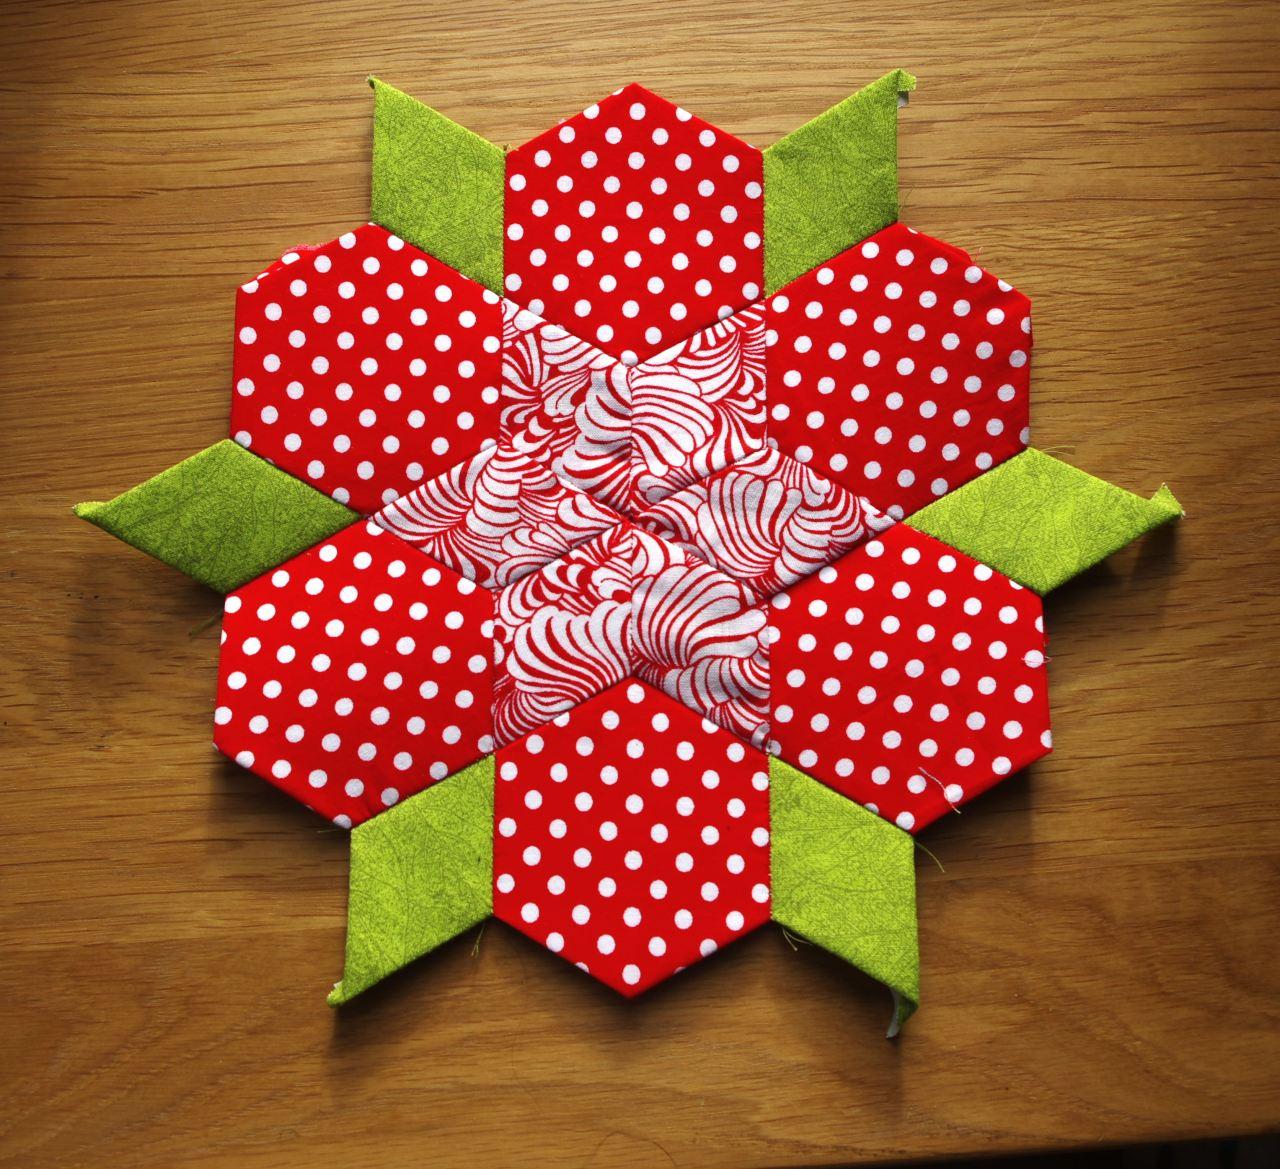 Star flower red